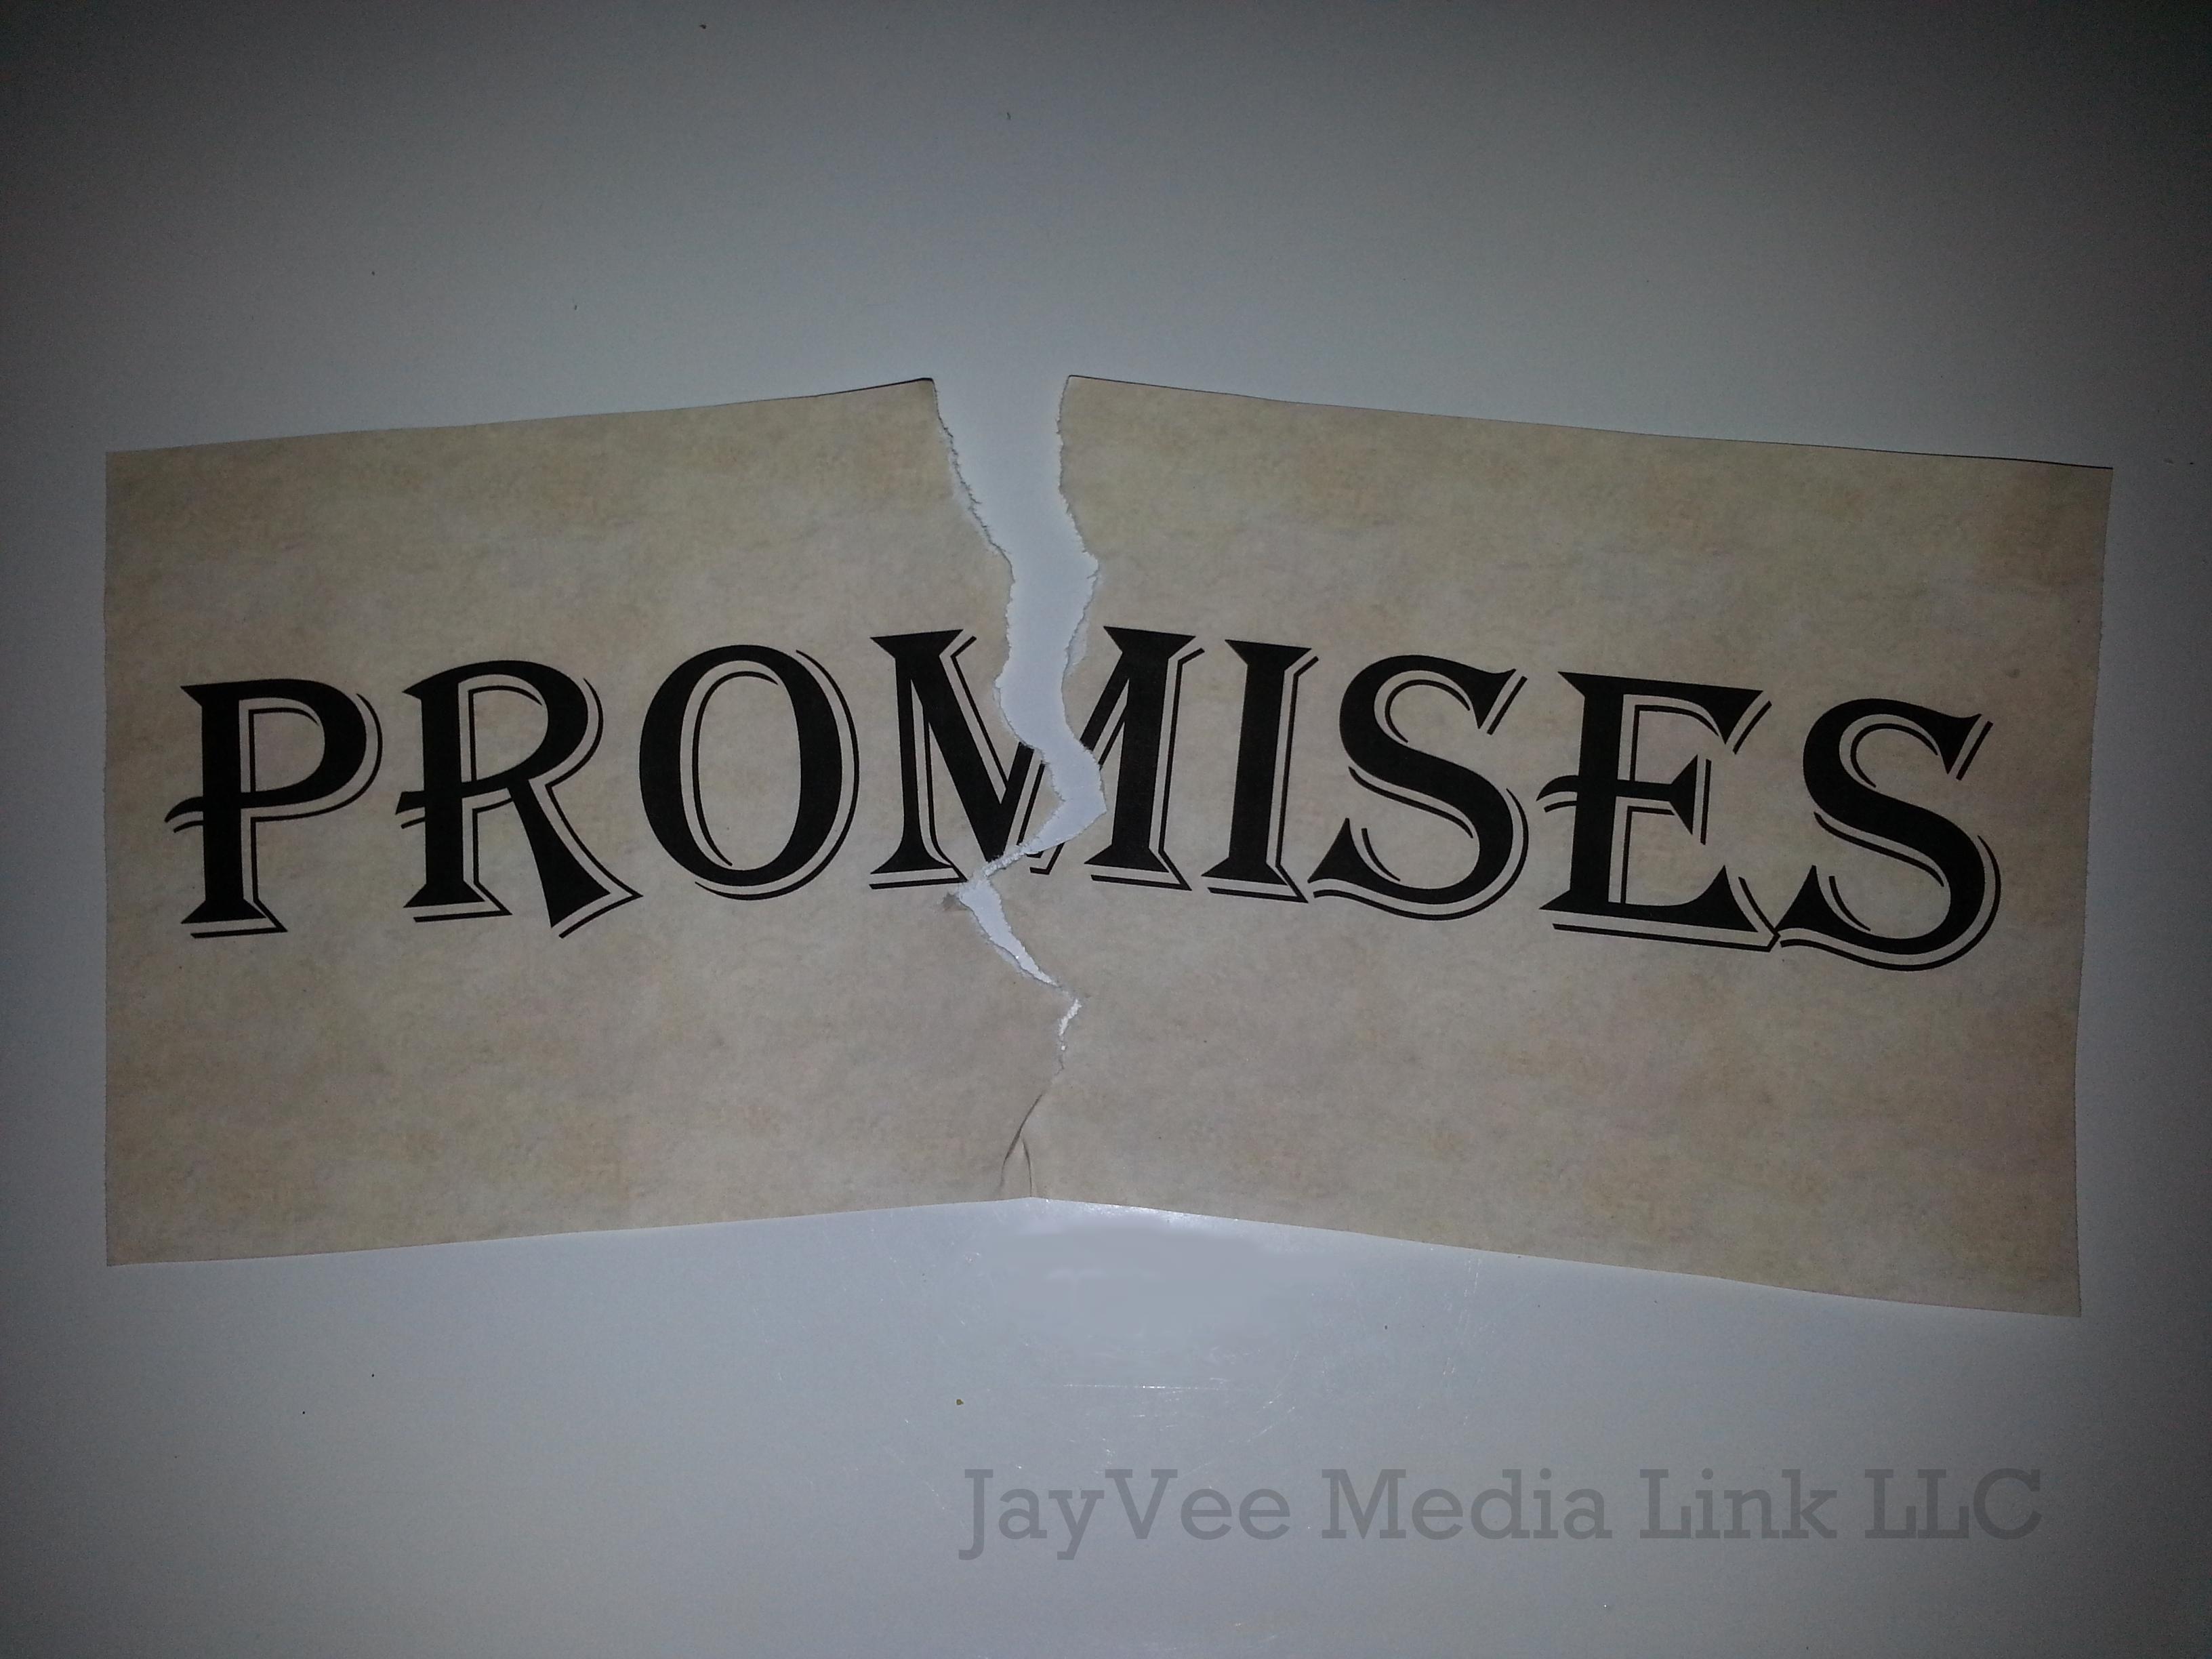 Welcome to Broken Promises - Midland Public Schools